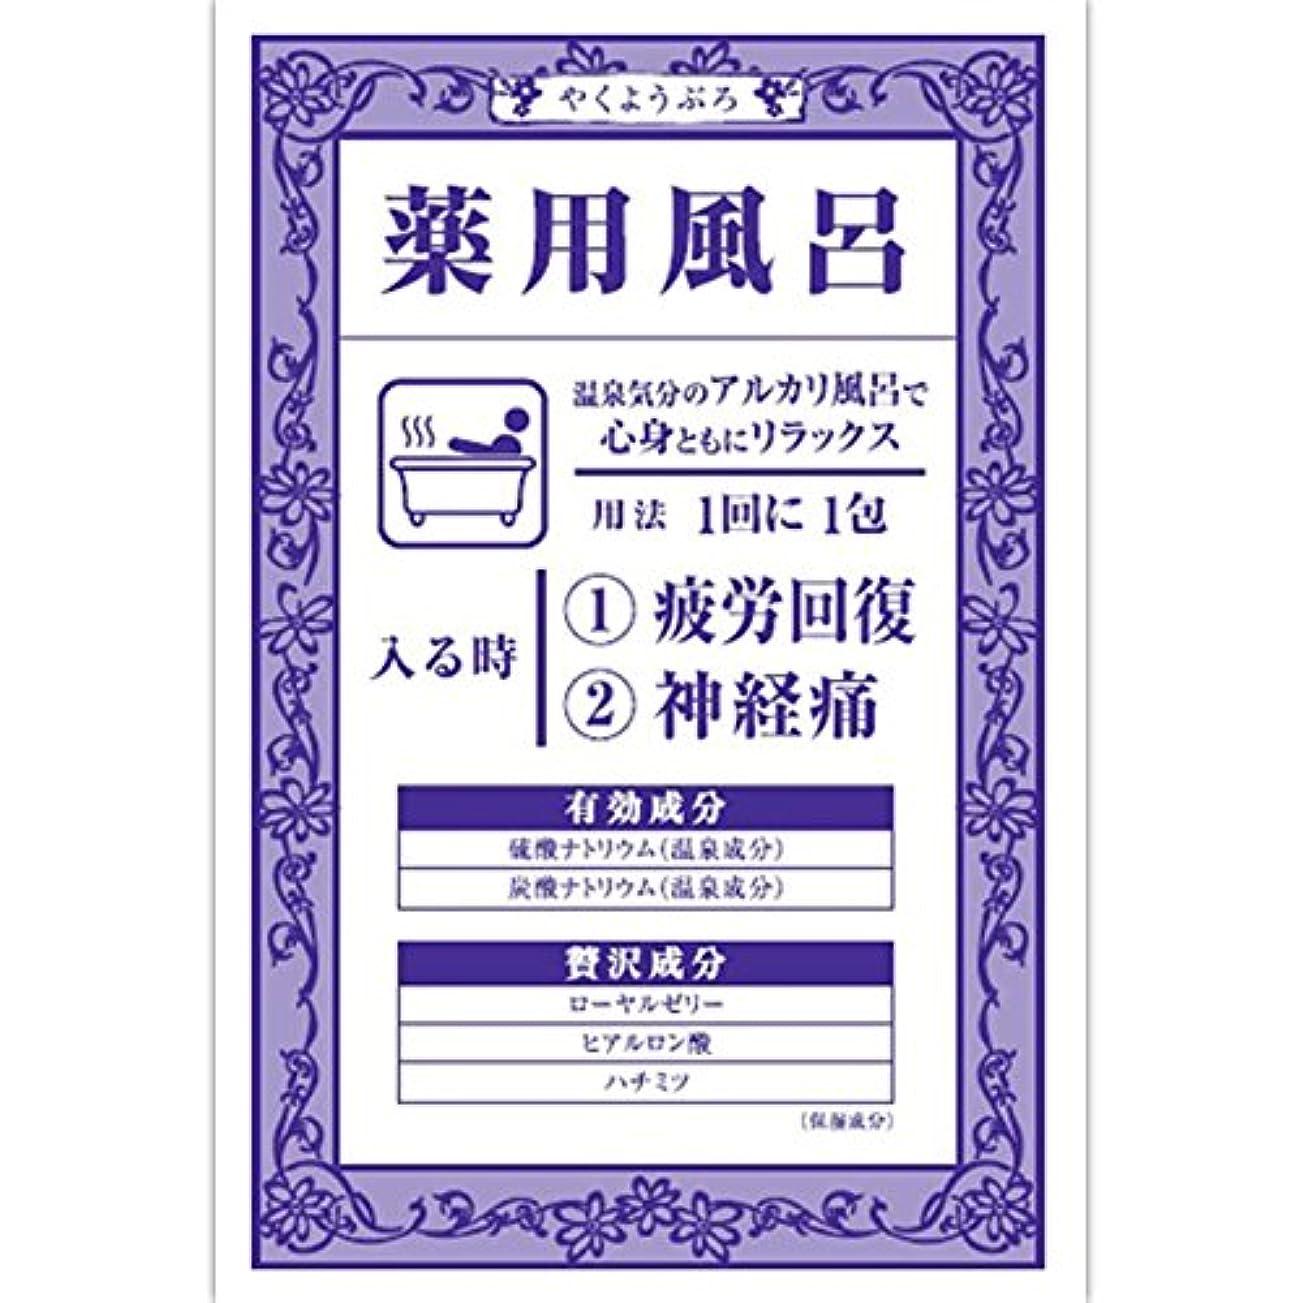 他の場所データム派手大山 薬用風呂KKd(疲労回復・神経痛) 40G(医薬部外品)